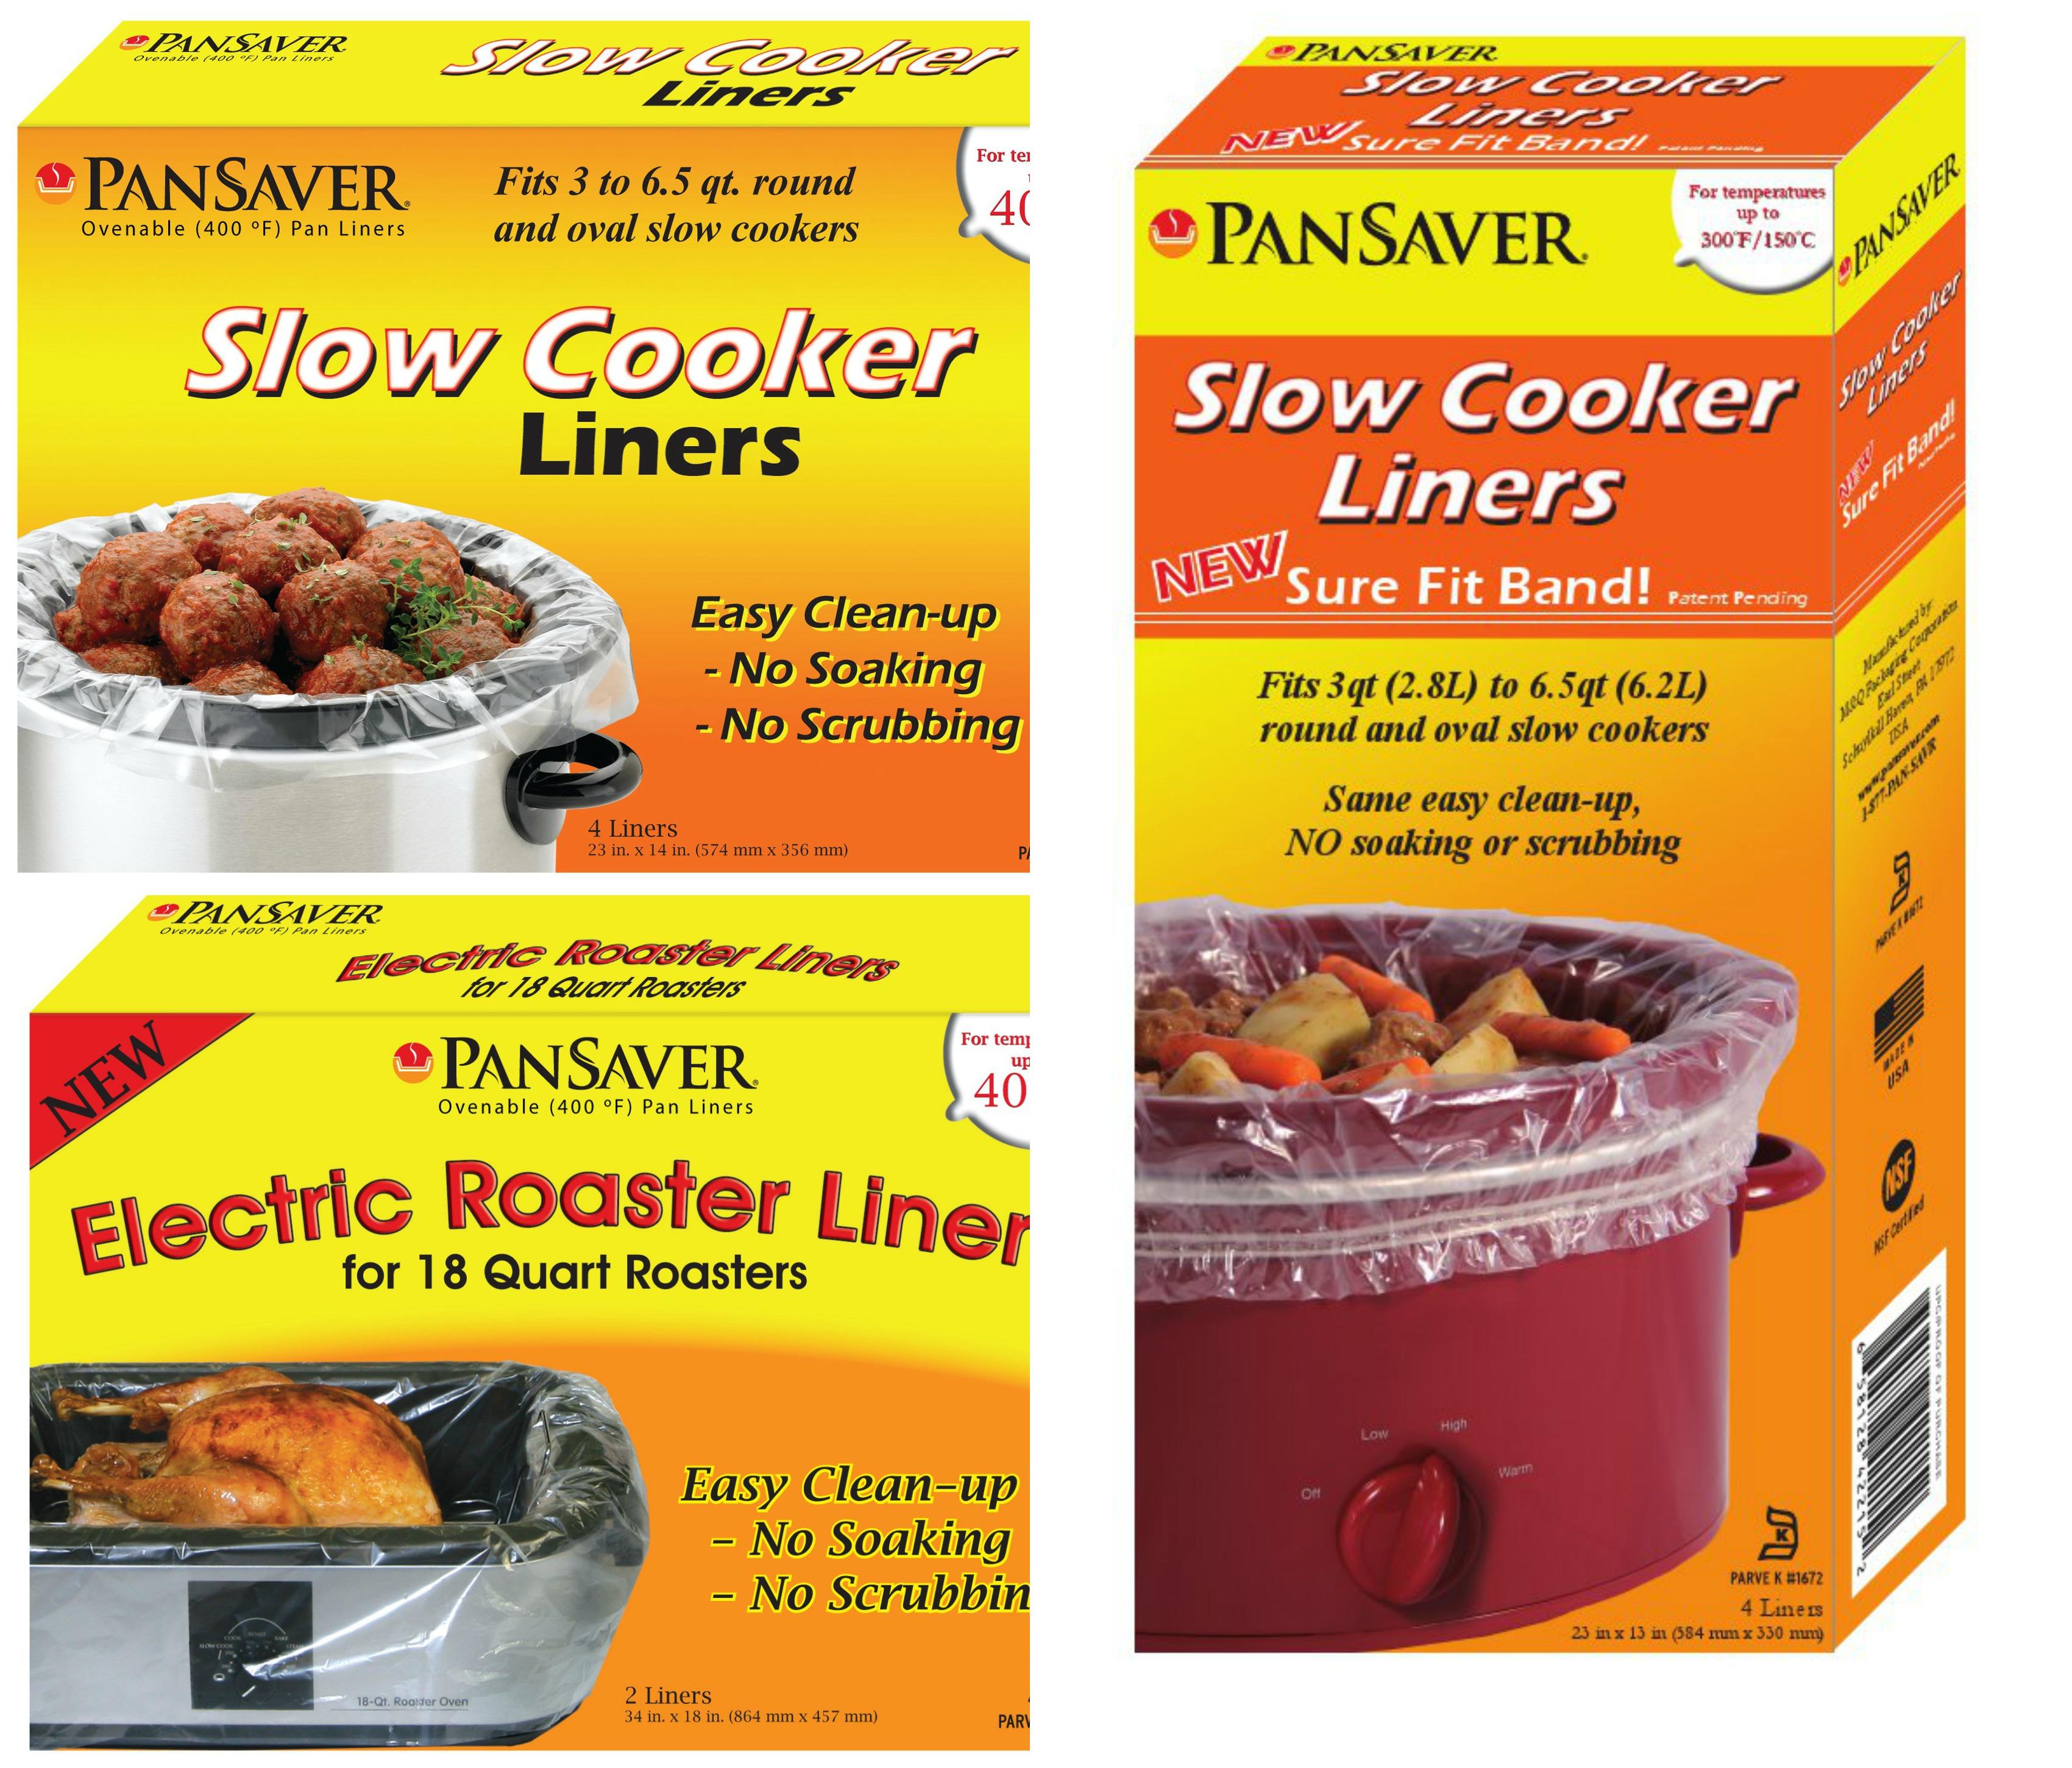 PanSaver Liner Gift Set Giveaway